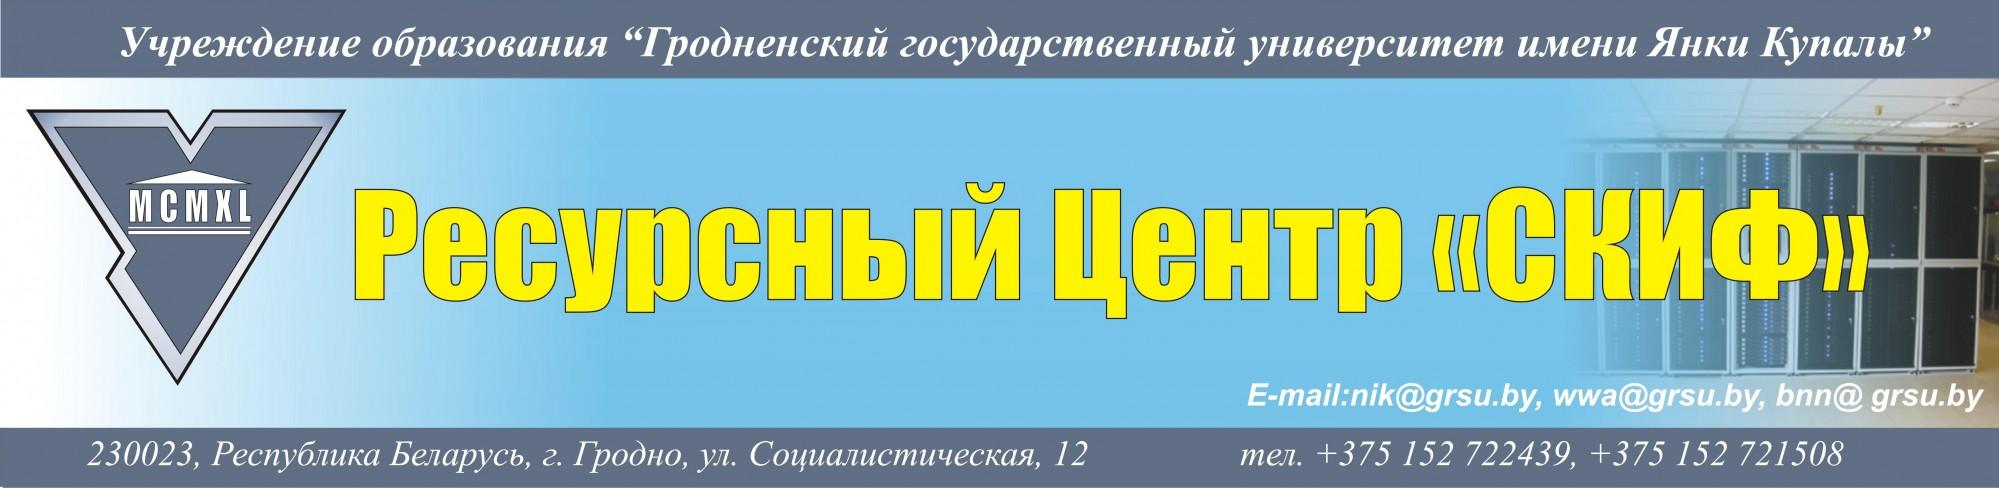 """Отдел """"Ресурсный центр СКИФ"""""""